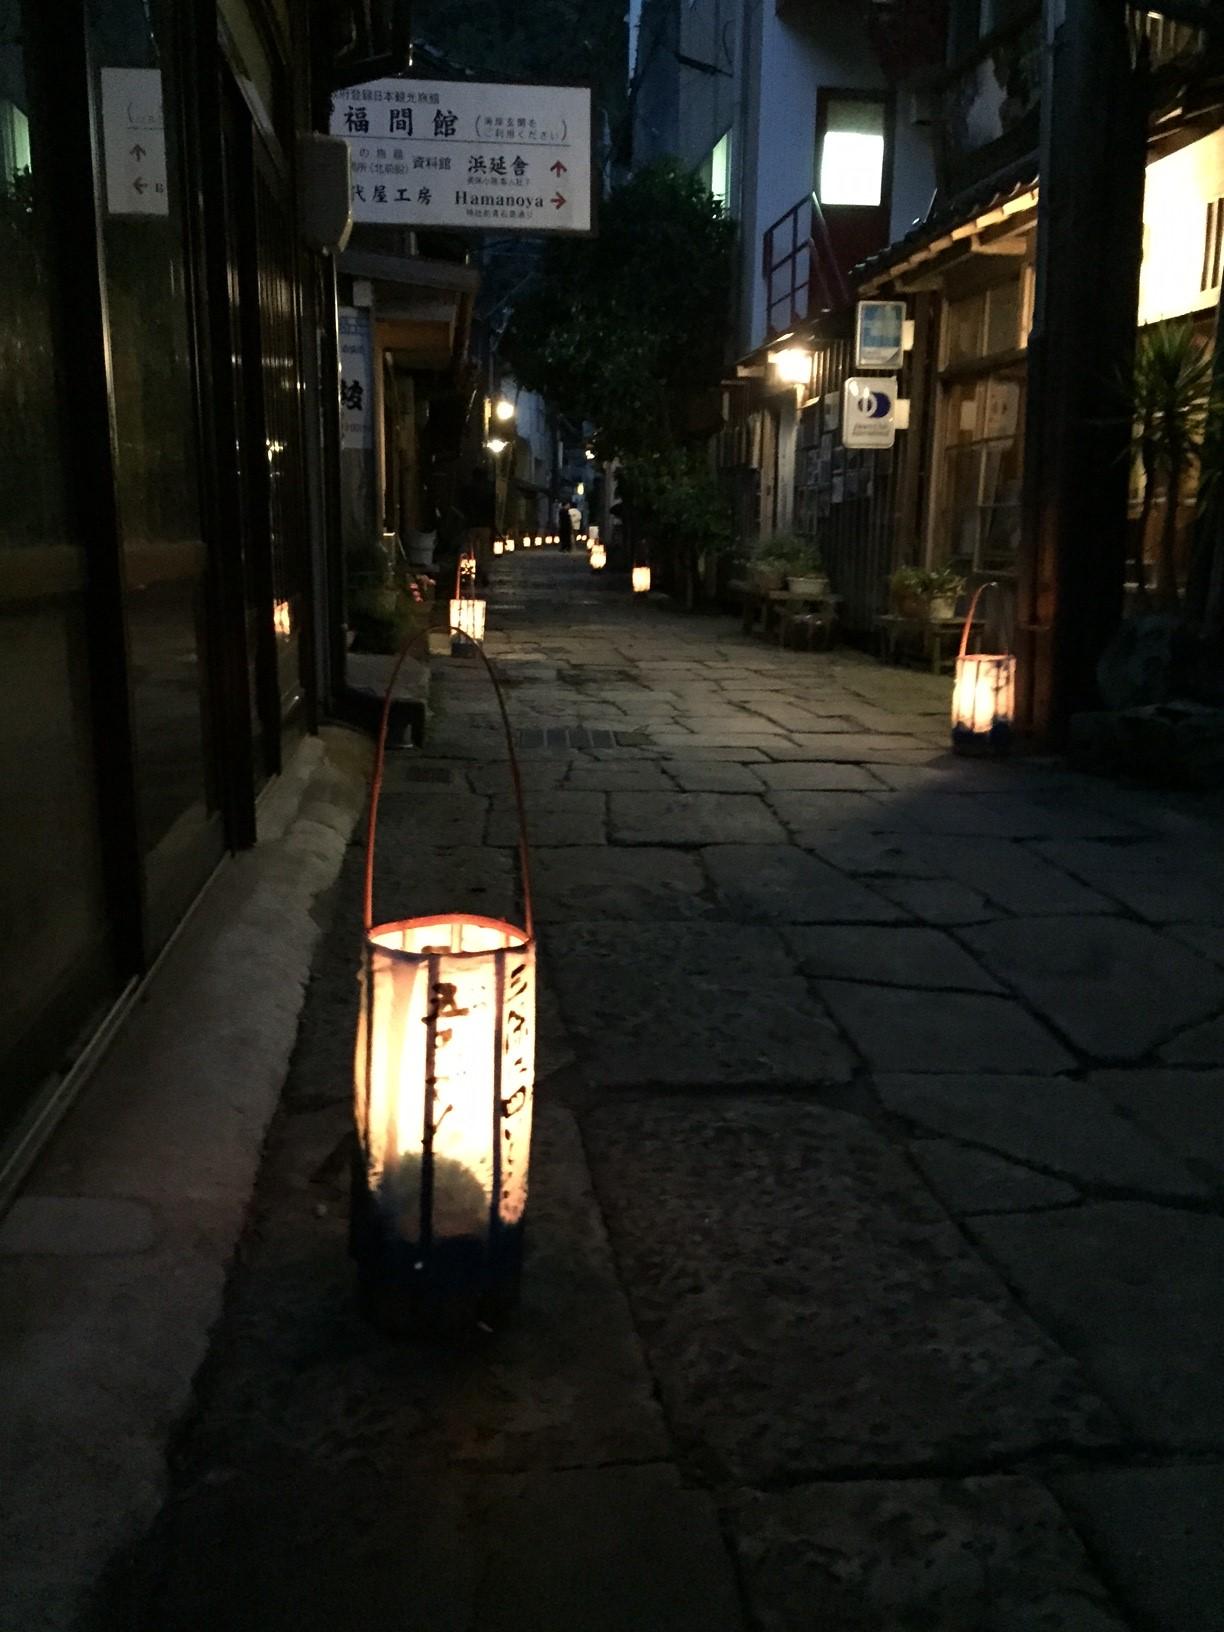 【美保関】青石畳通りライトアップ「陰翳礼賛・青の共演」